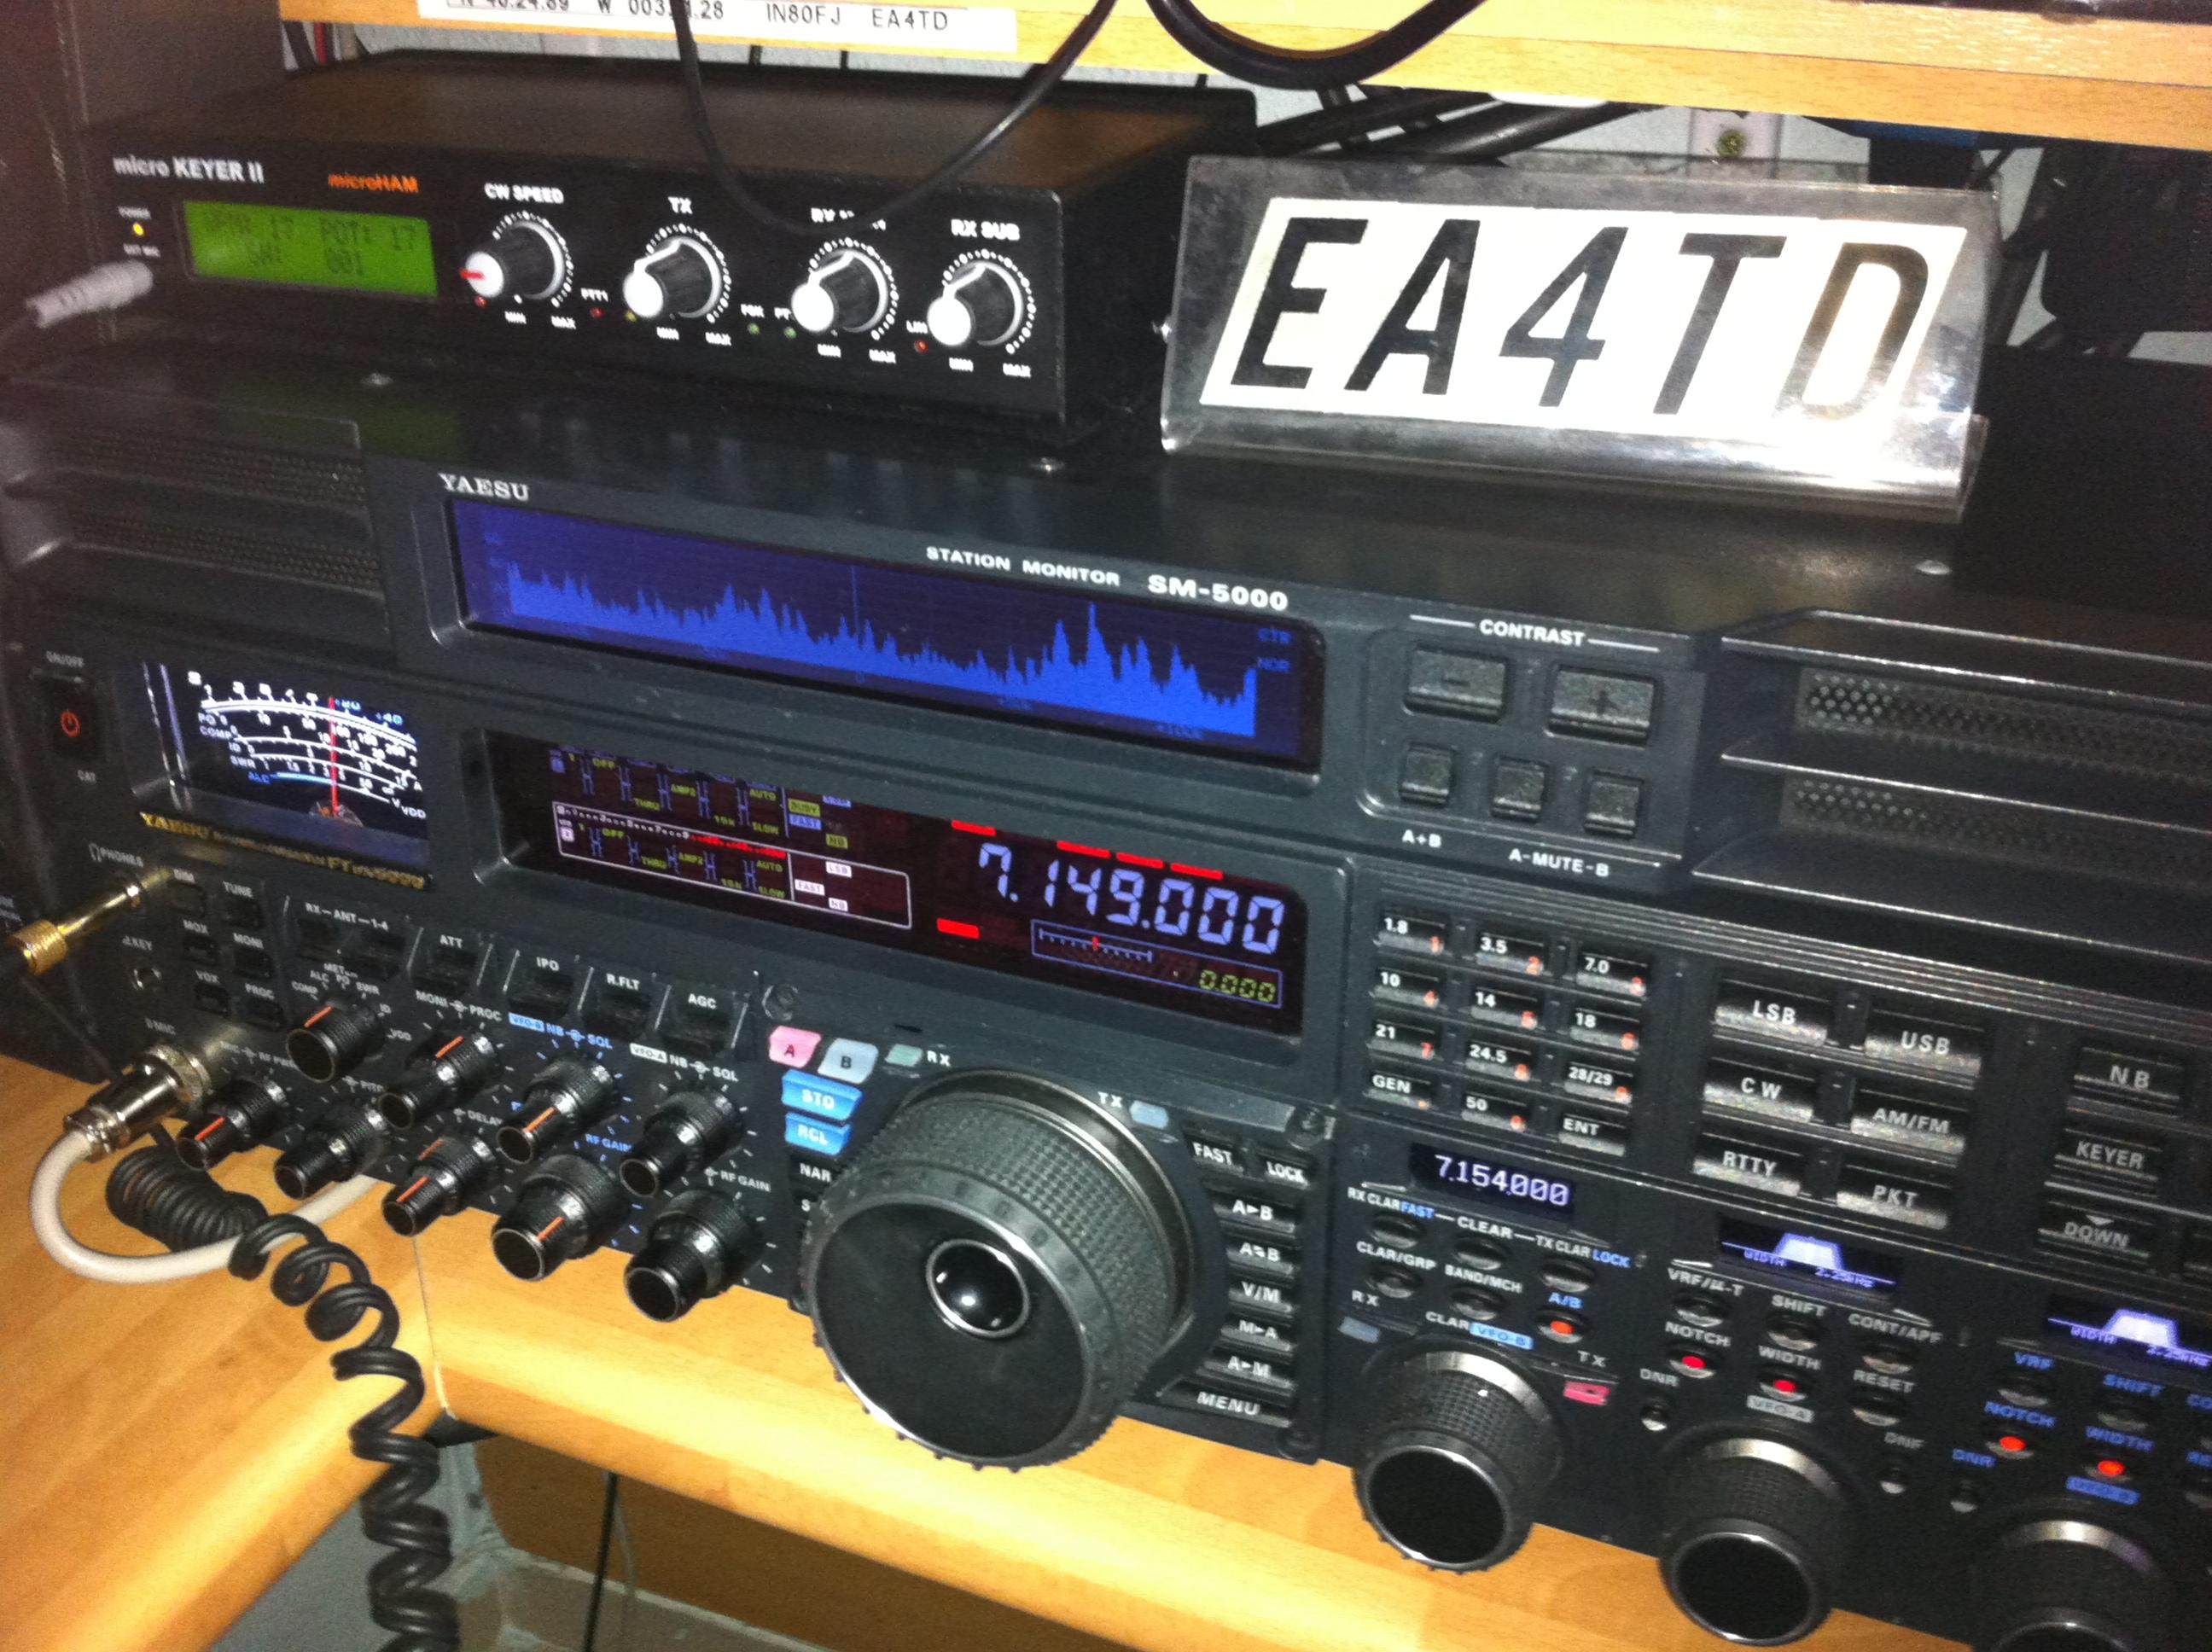 EA1YO & EA4TD